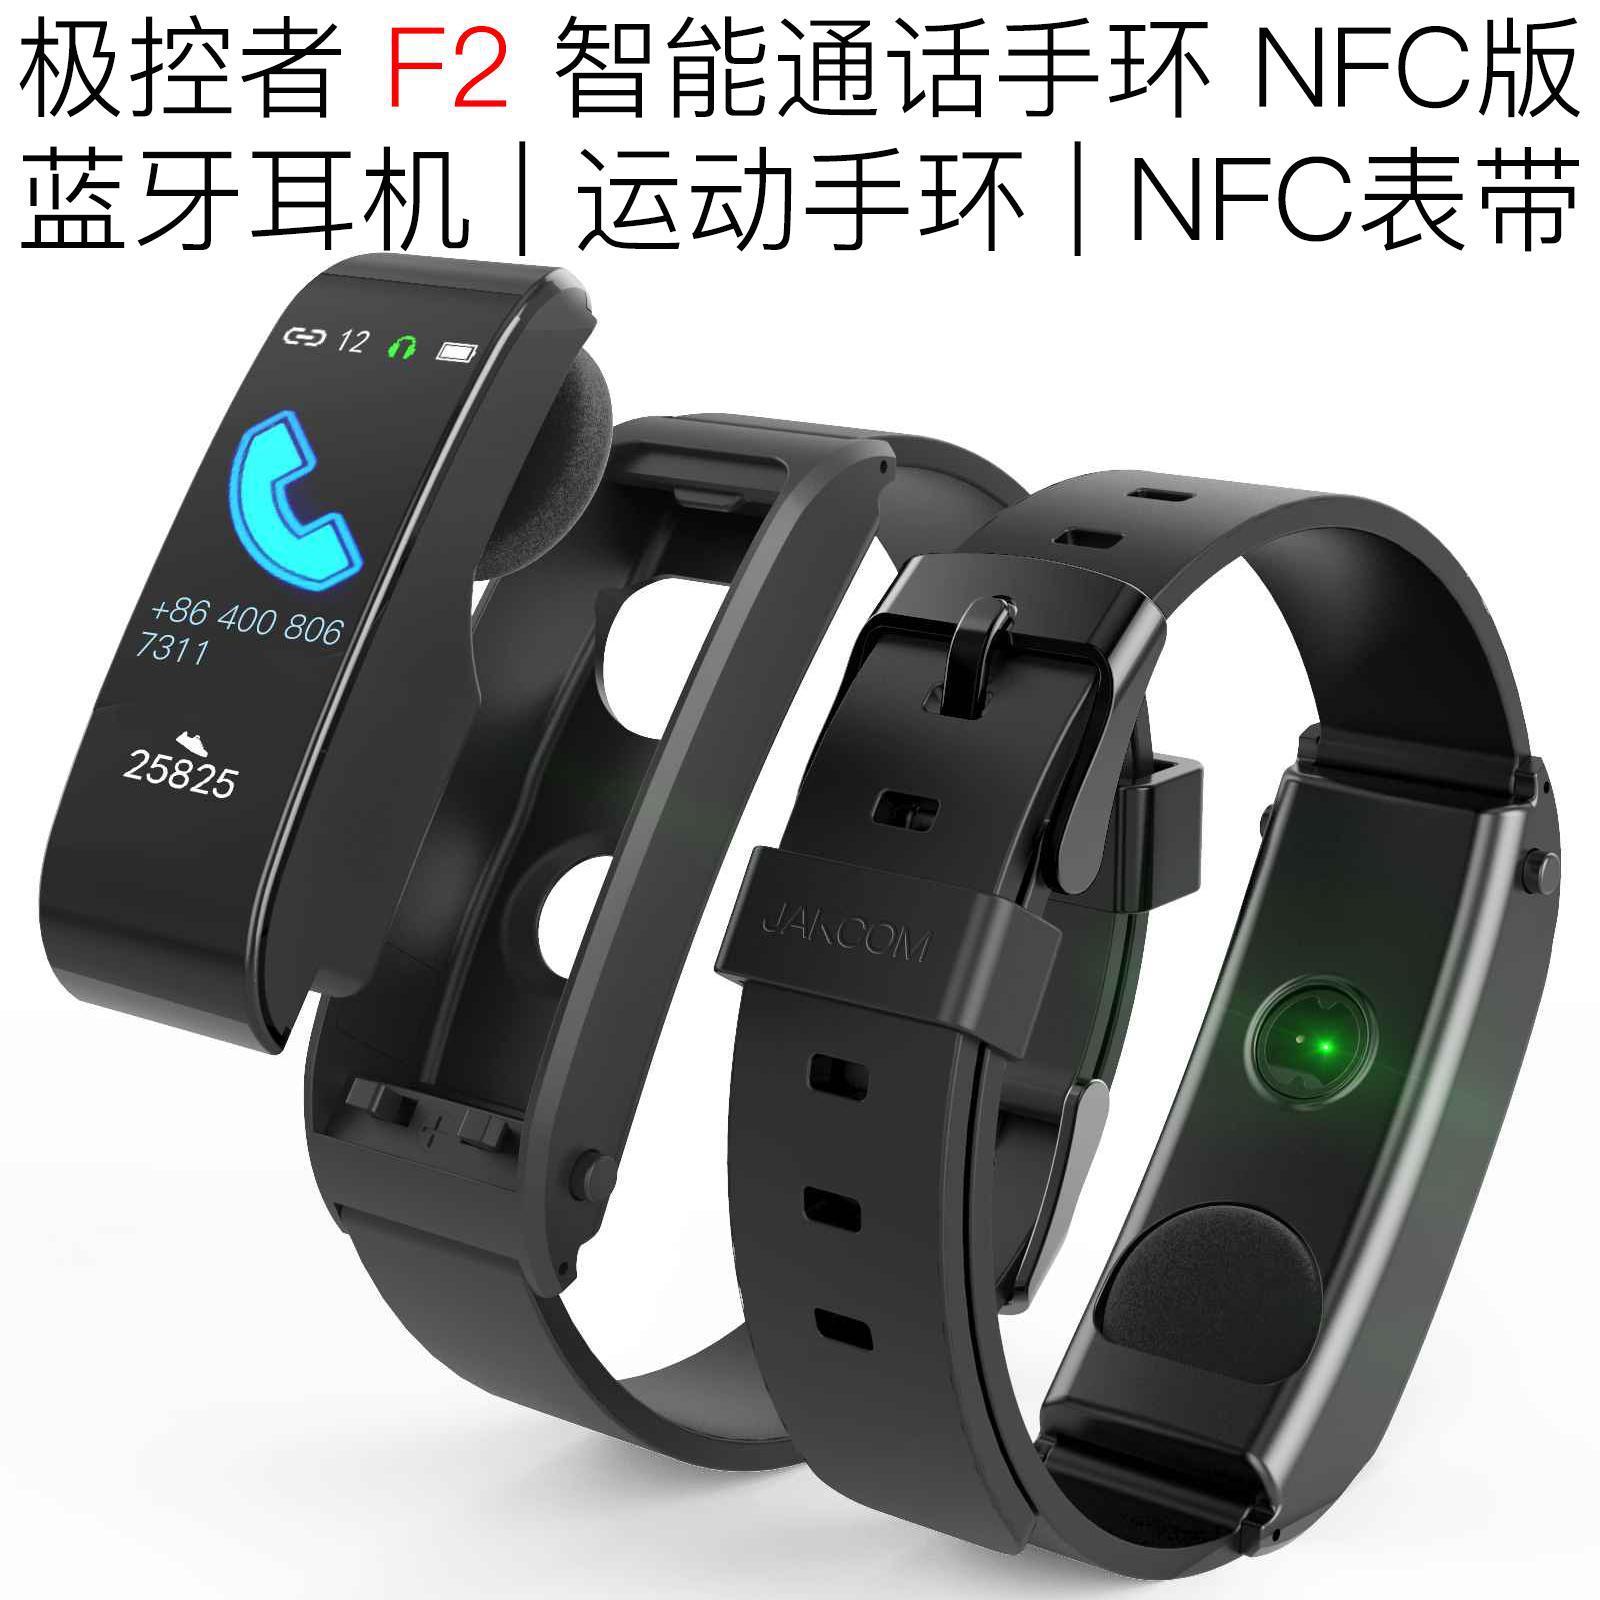 JAKCOM极控者F2智能通话手环运动健康睡眠心率手表跨境智能新产品